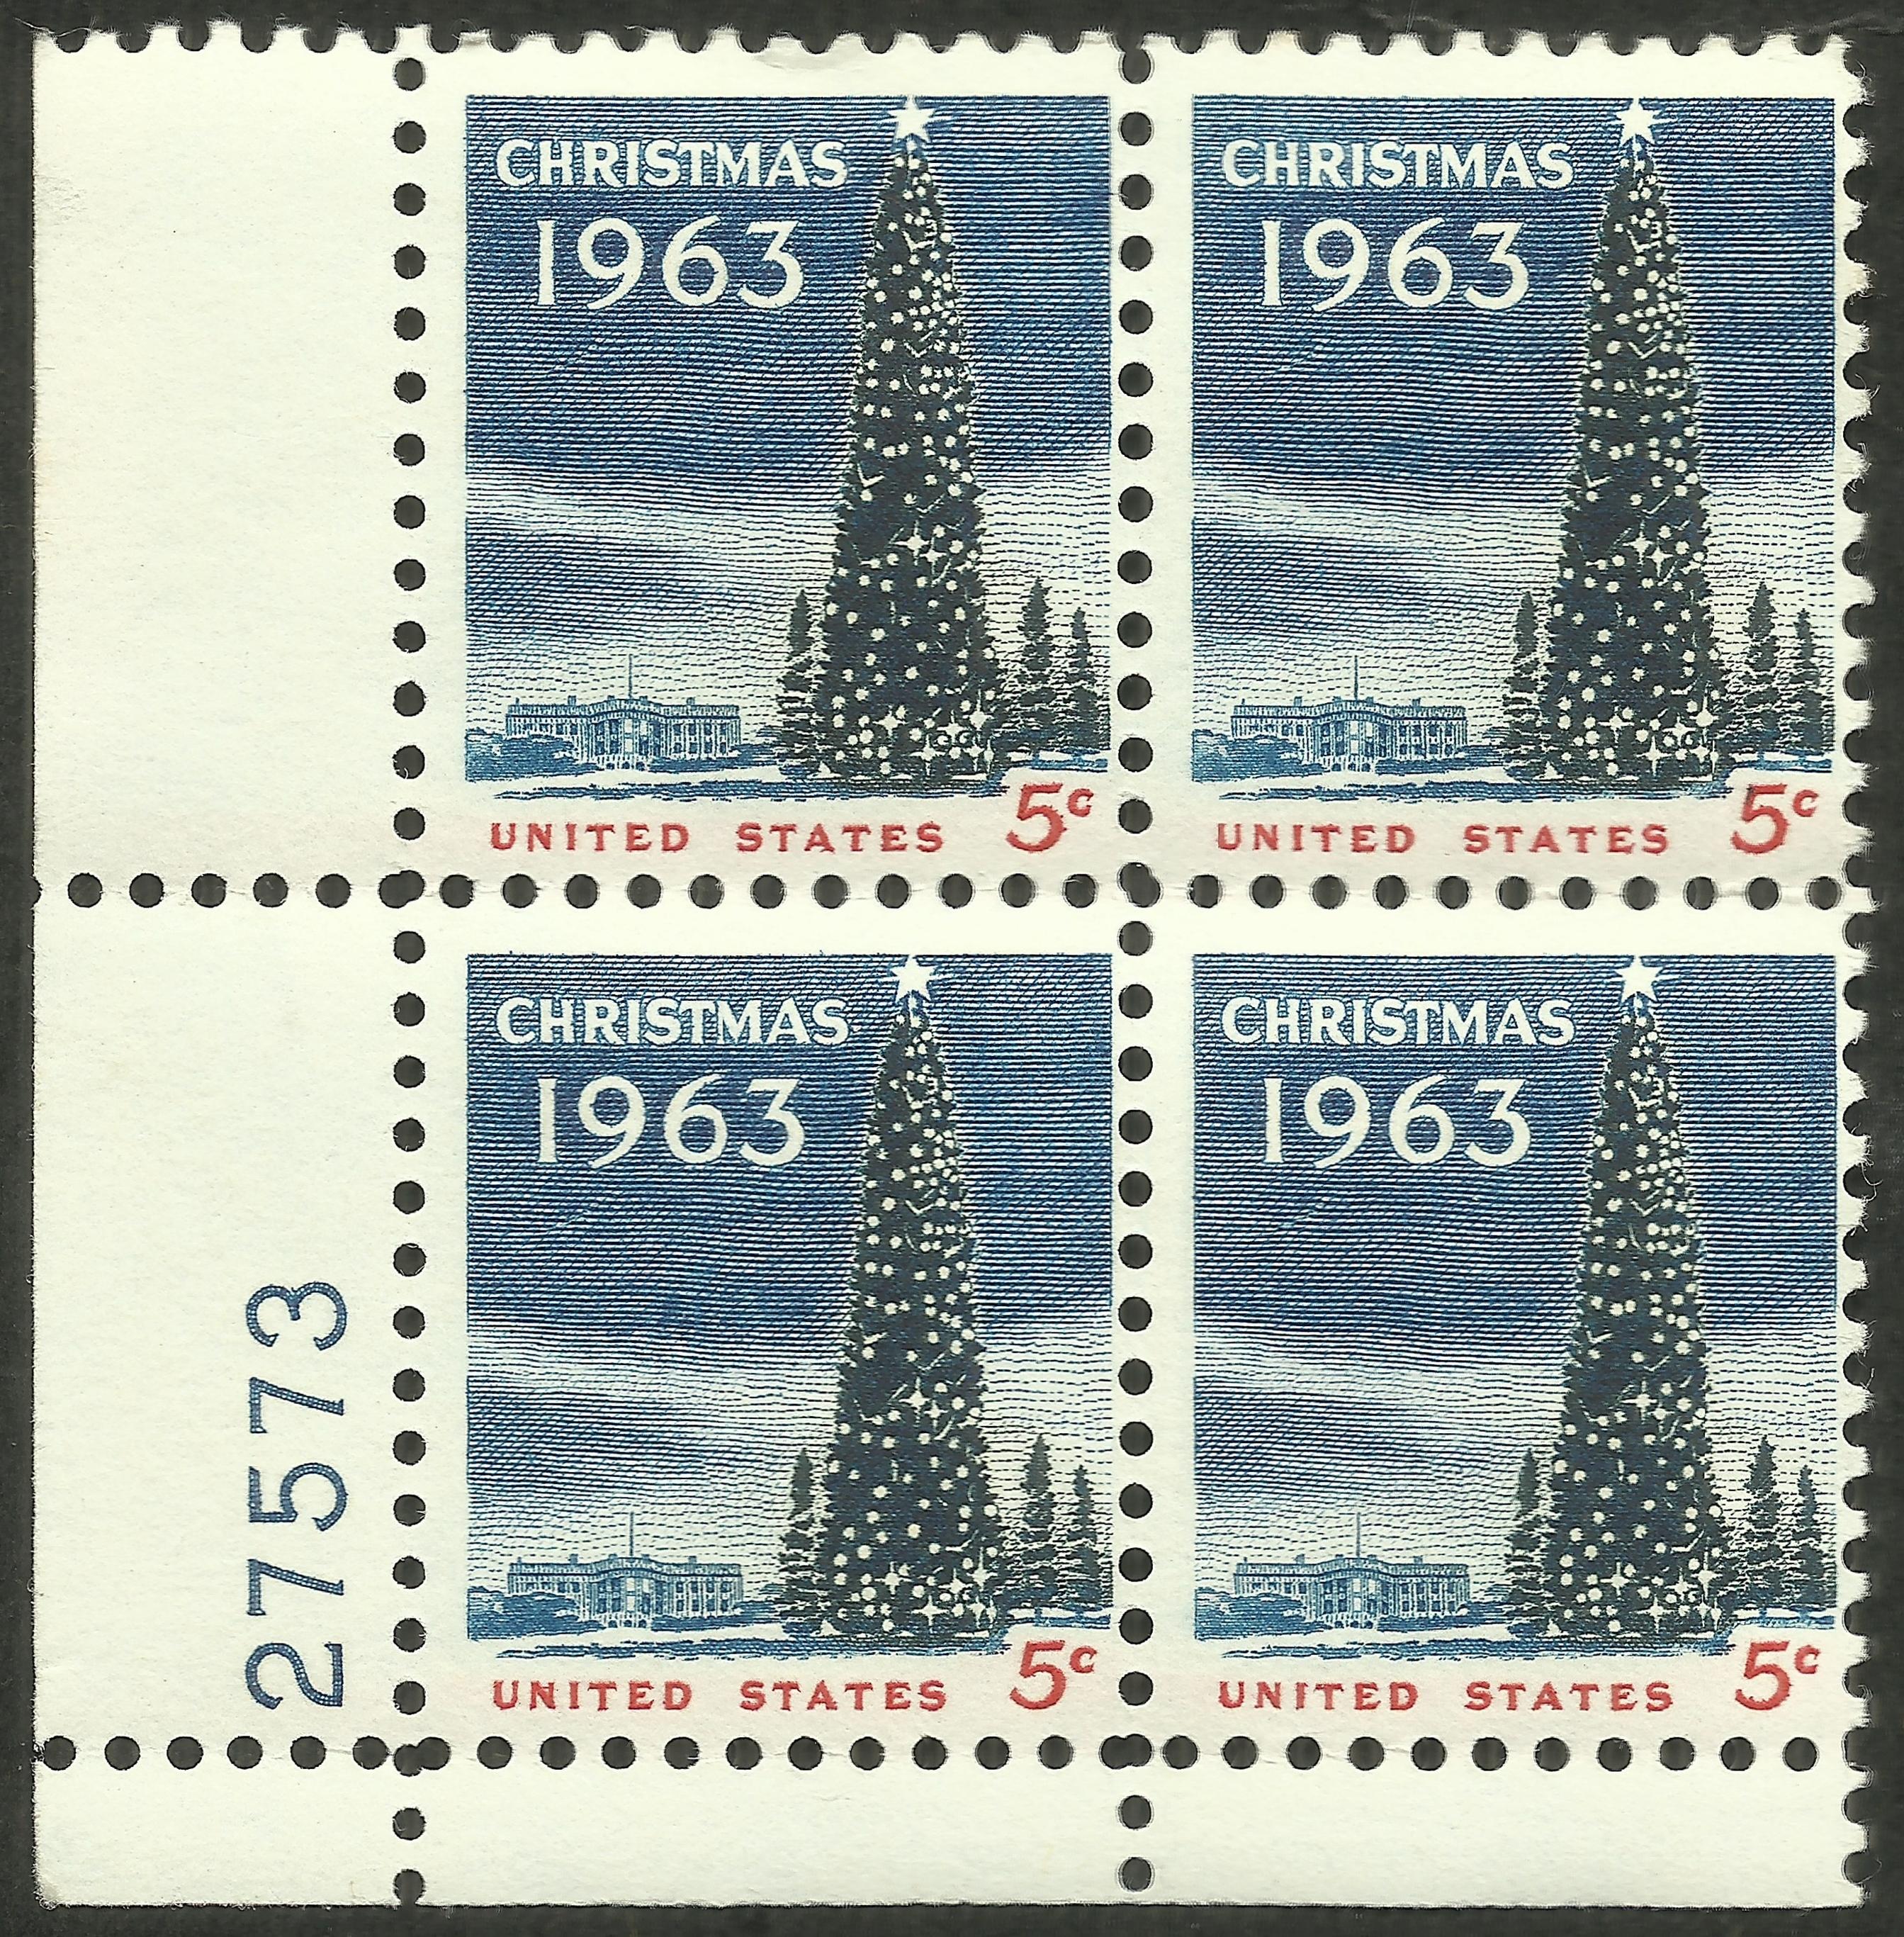 United States - Scott #1240 (1963)